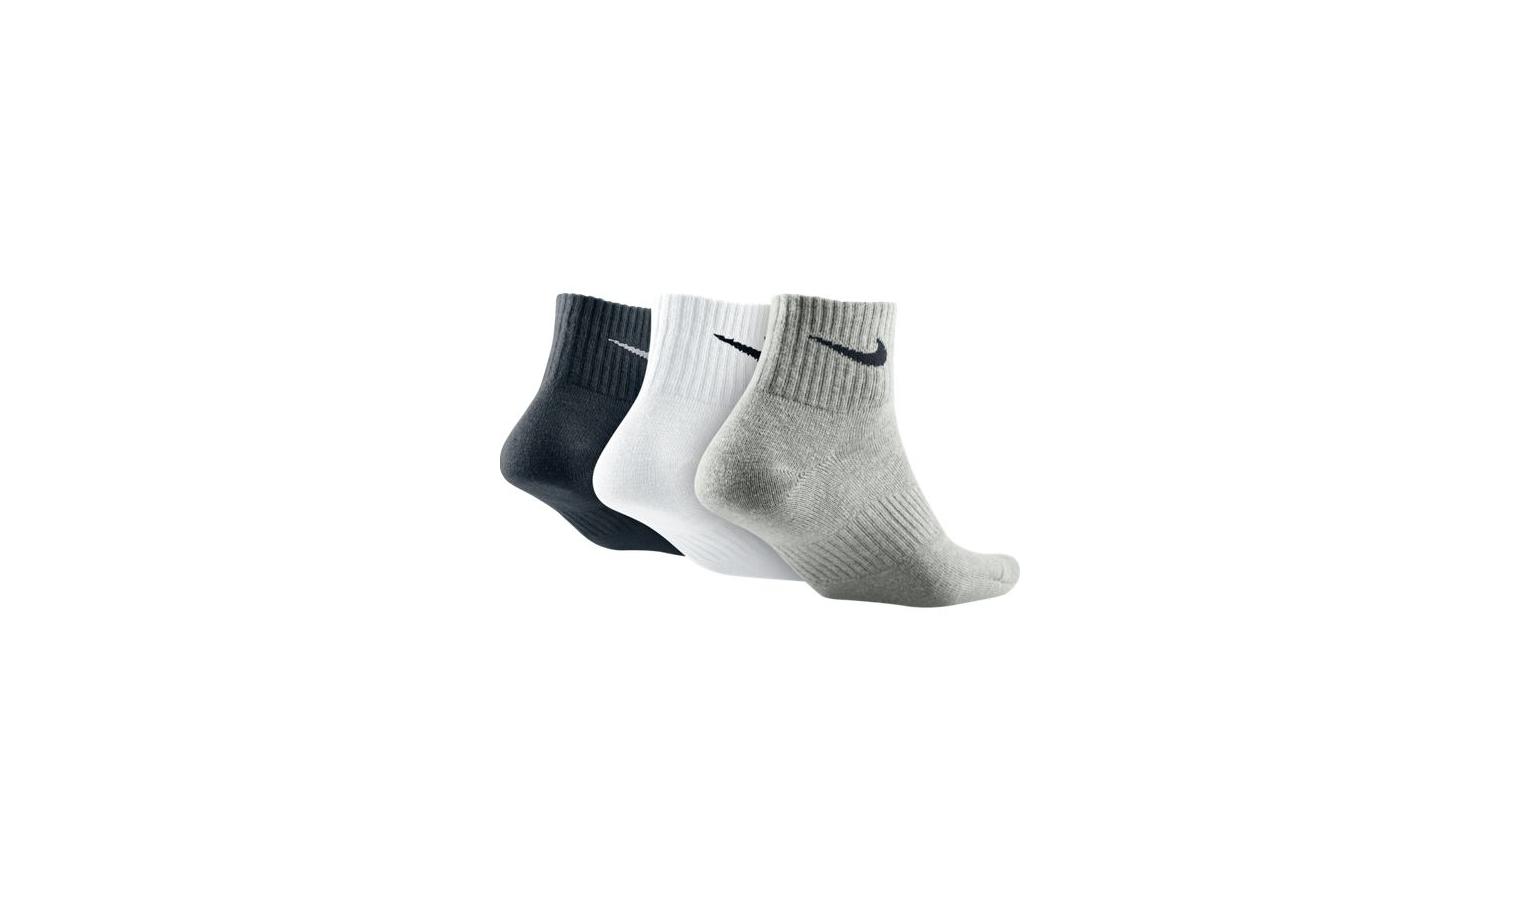 8aa0189c330 Kotníkové ponožky Nike LIGHTWEIGHT QUARTER šedé   černé   bílé